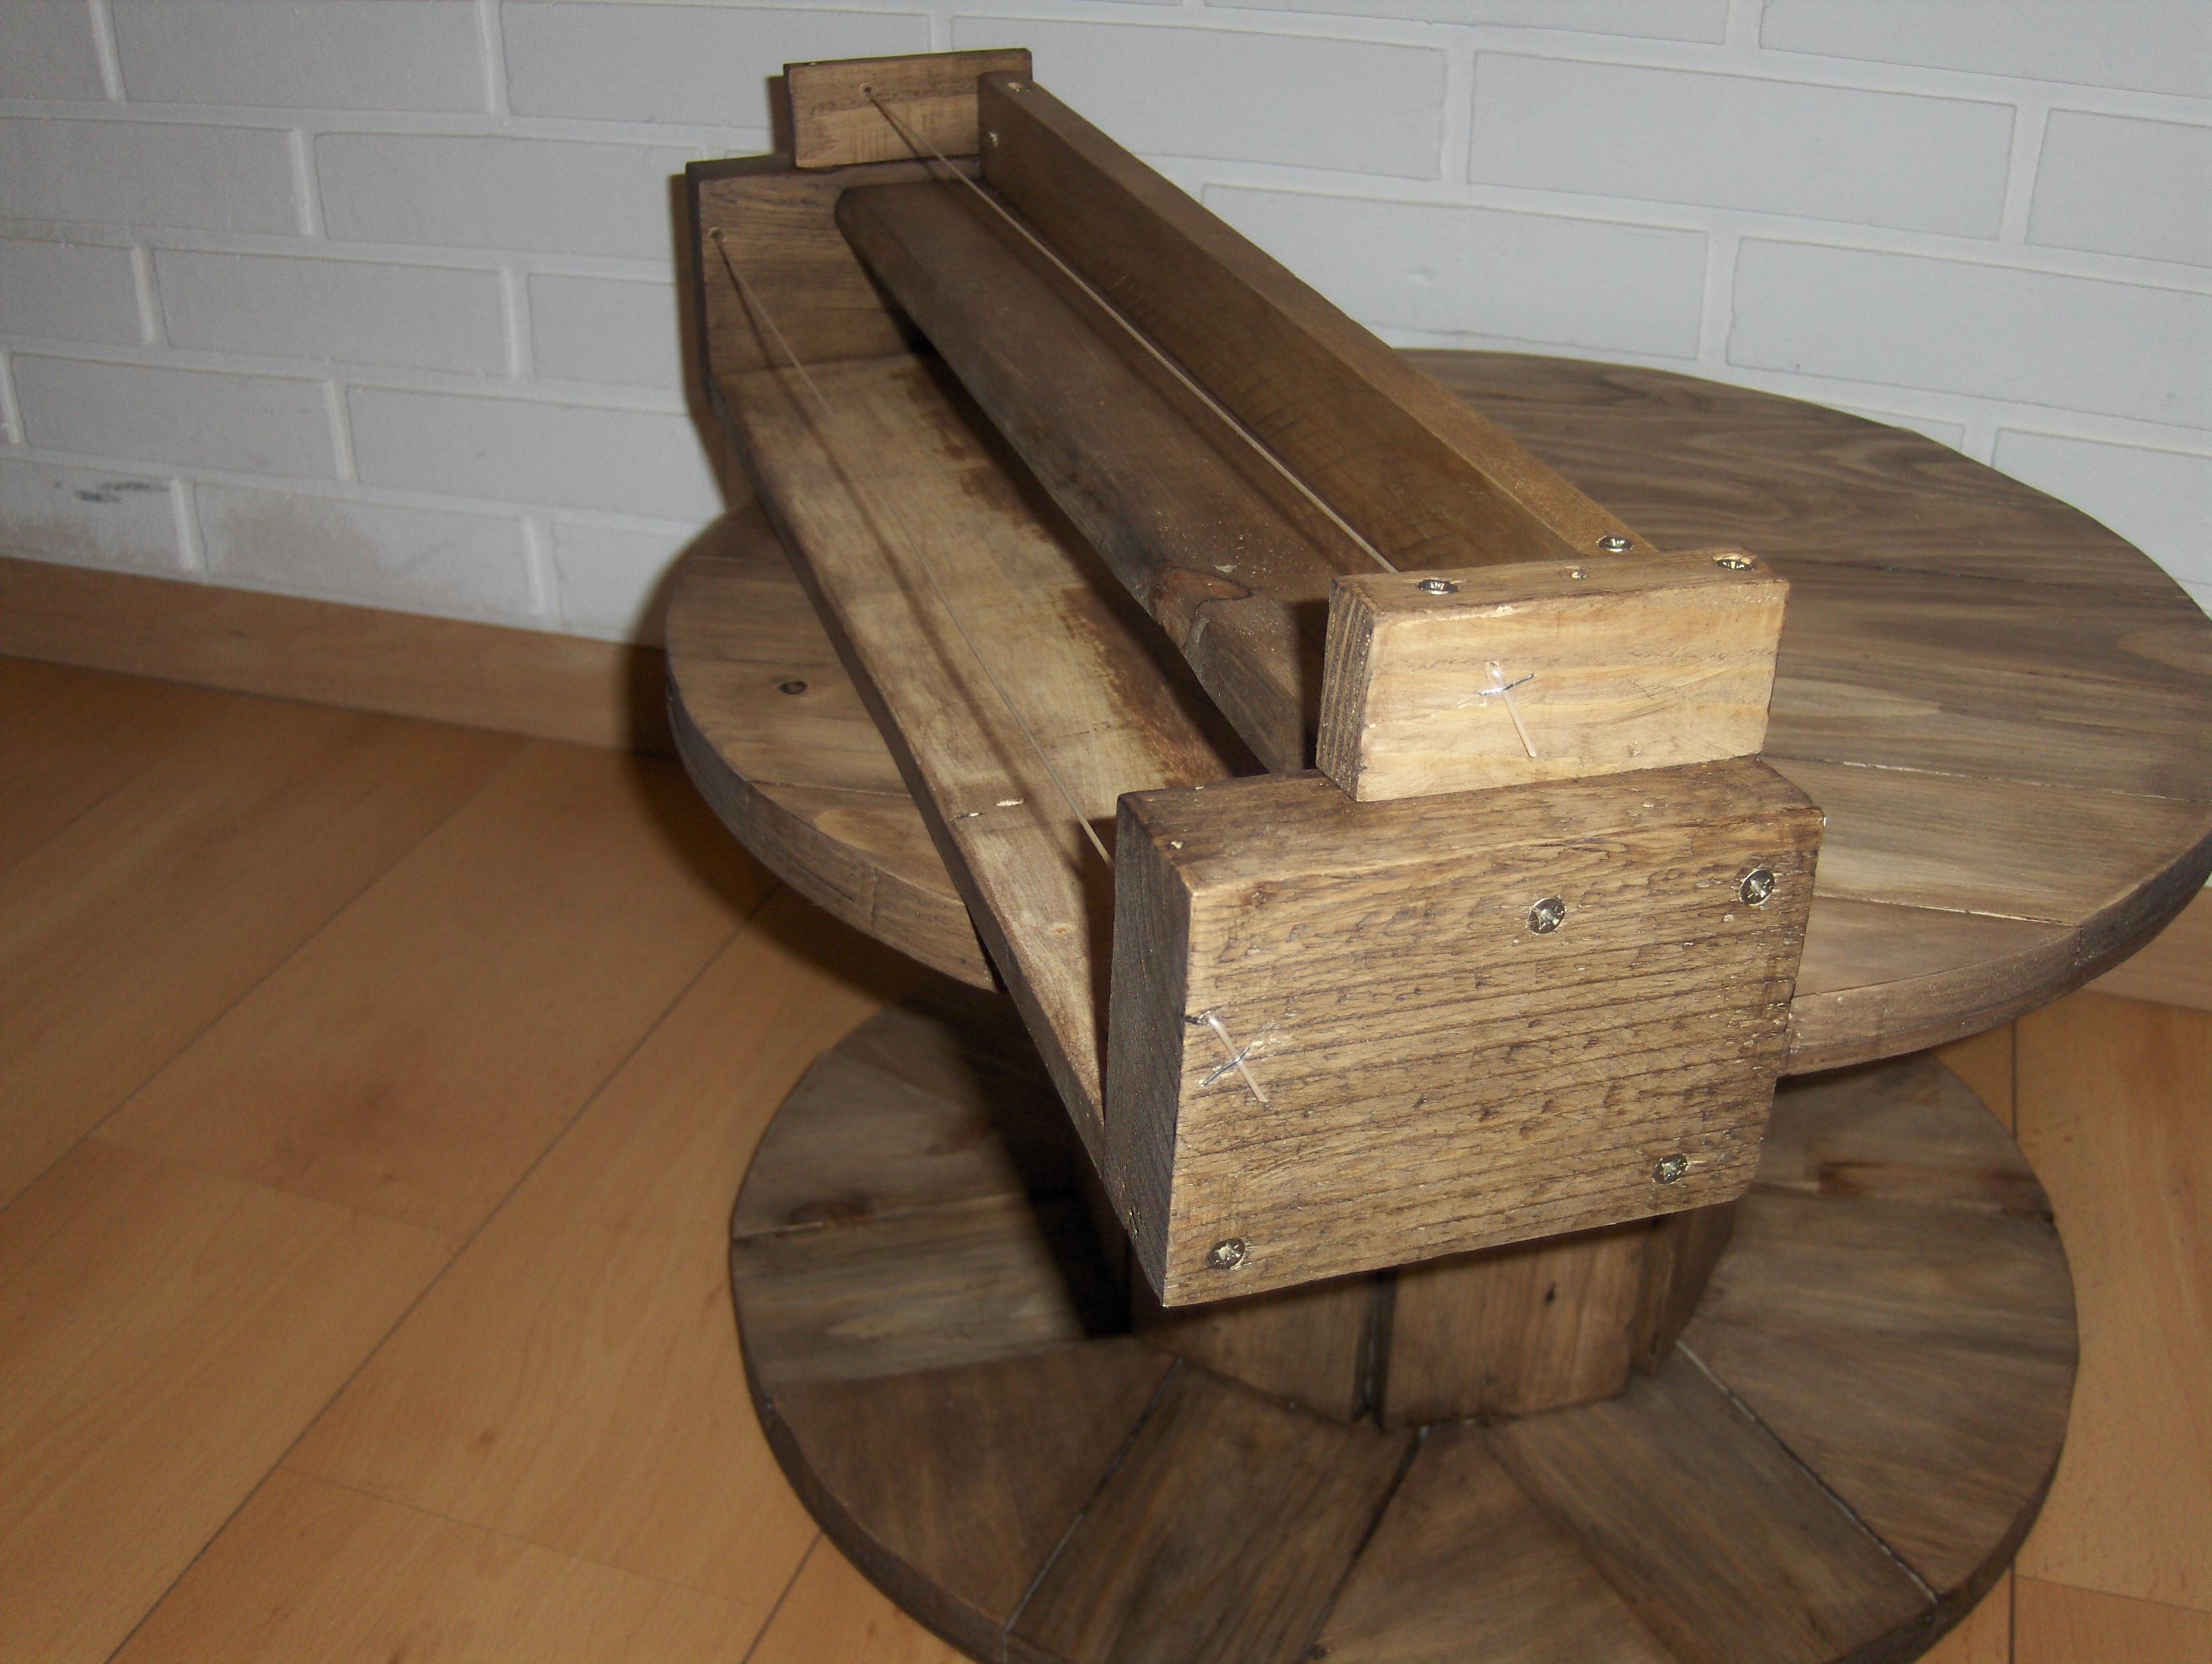 Porte pices meubles par sycomore for Porte epice